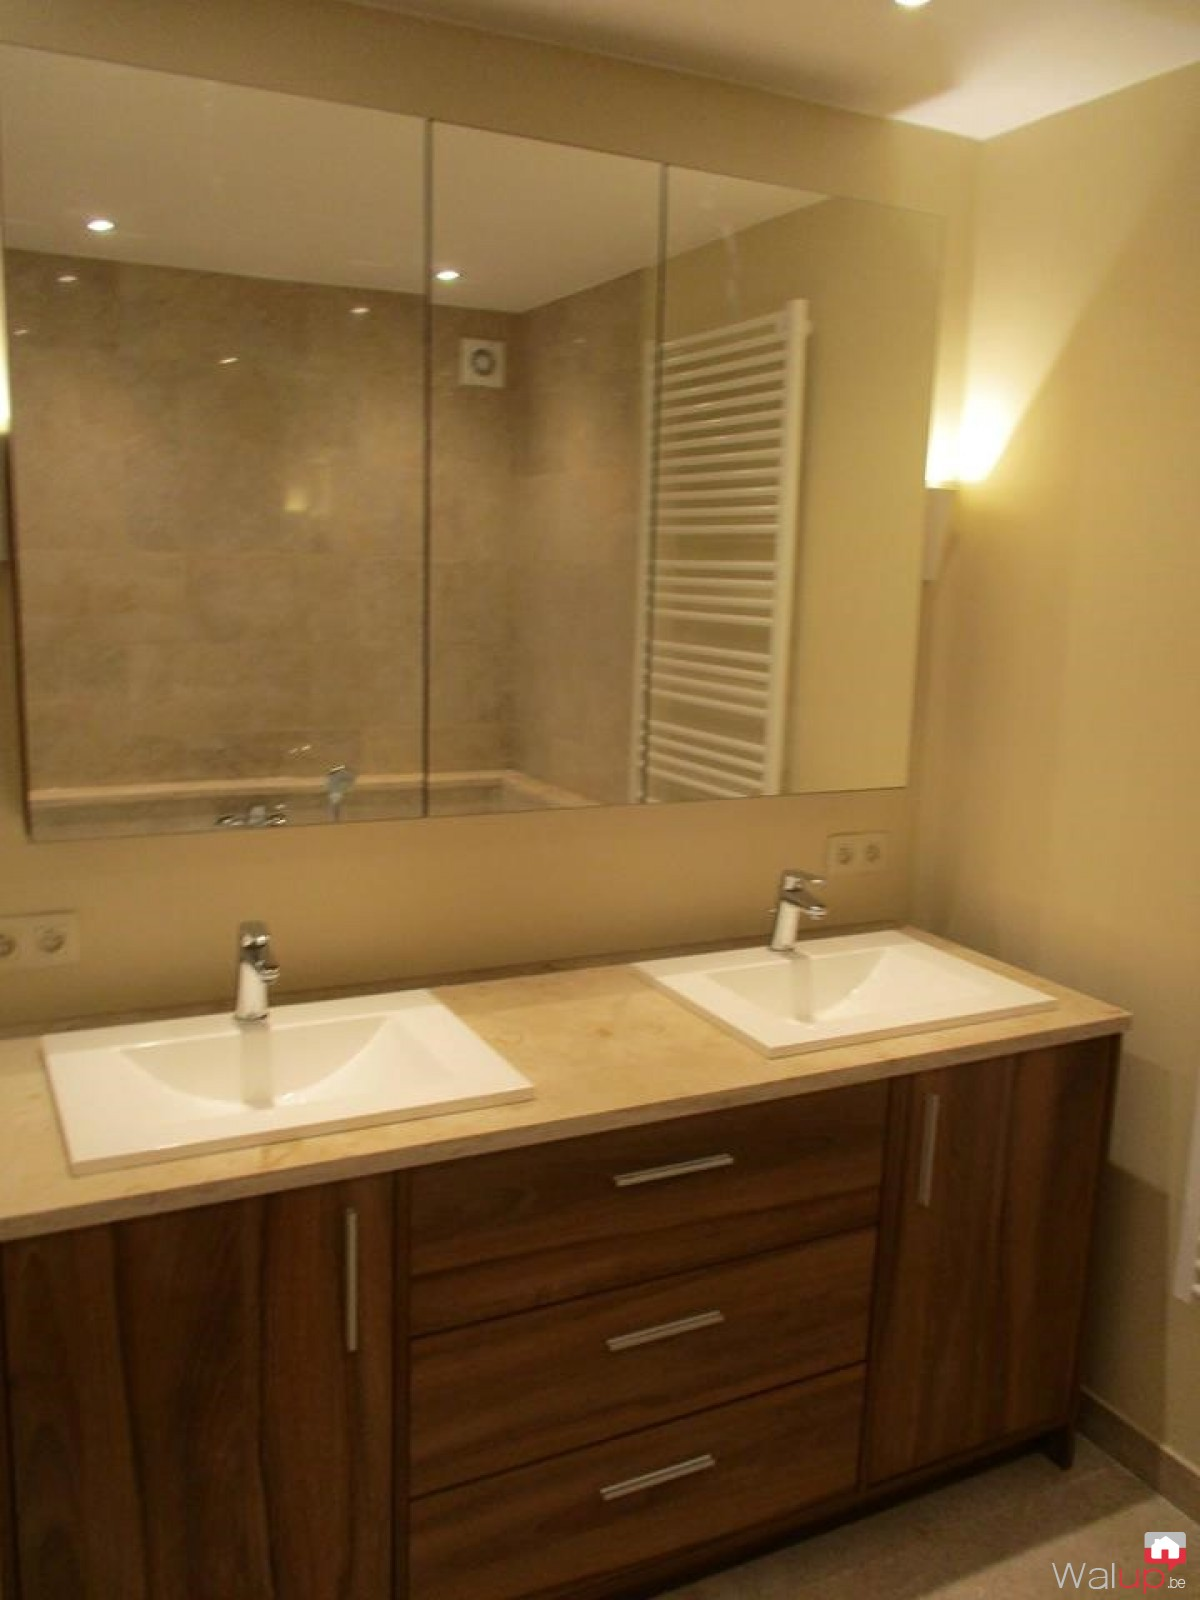 Meuble salle de bain sur mesure tournai par evolumeuble for Meuble salle de bain sur mesure